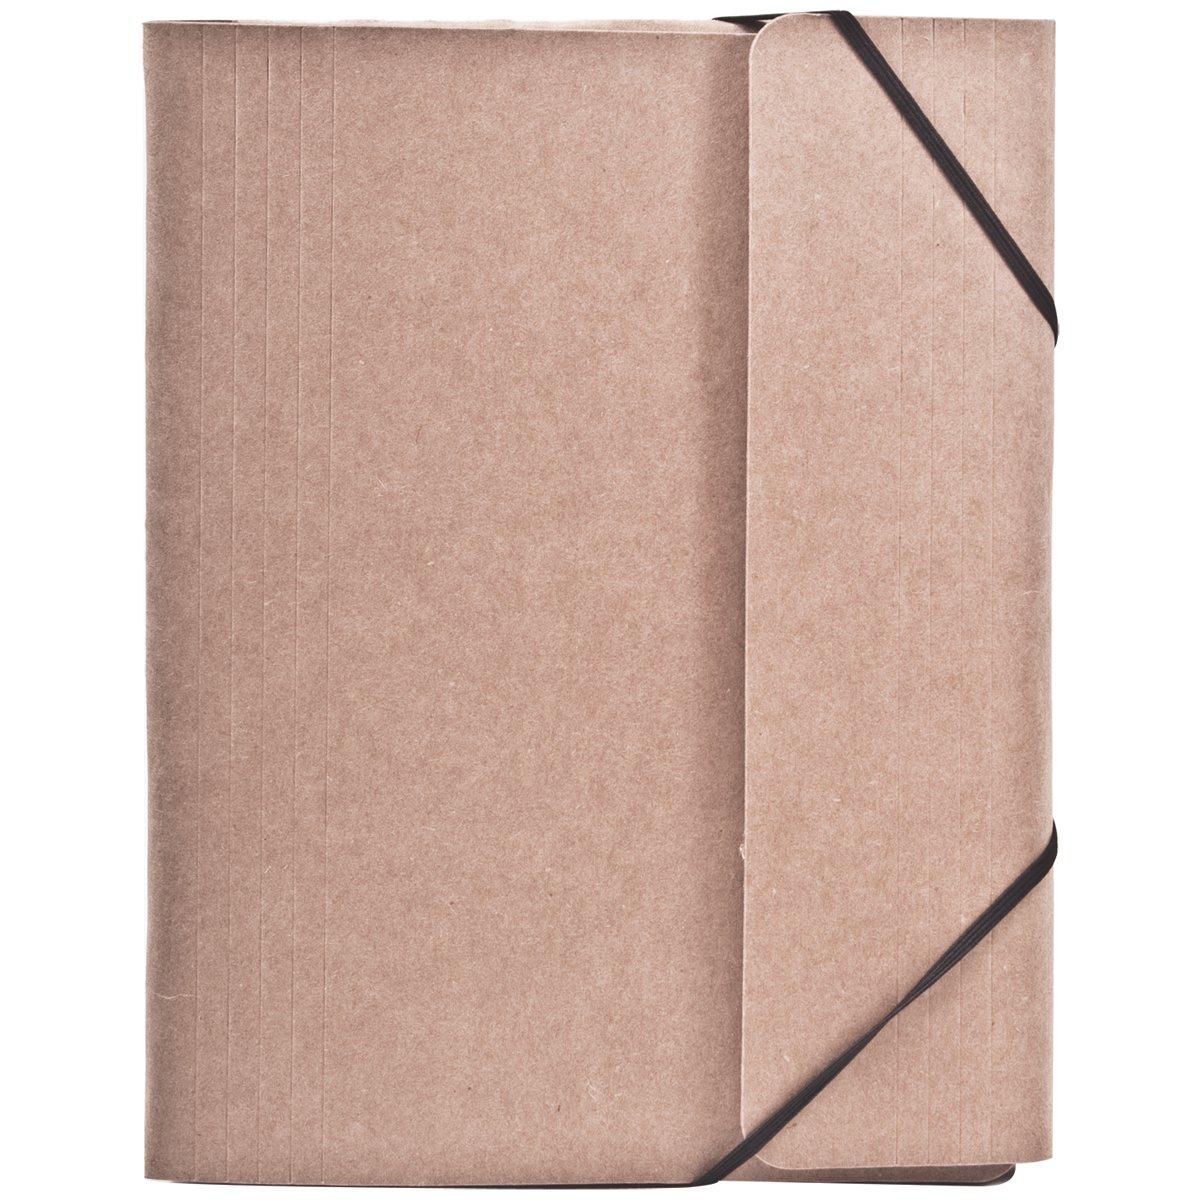 Idea-Ology collezione Folio piccolo- Advantus TH93125